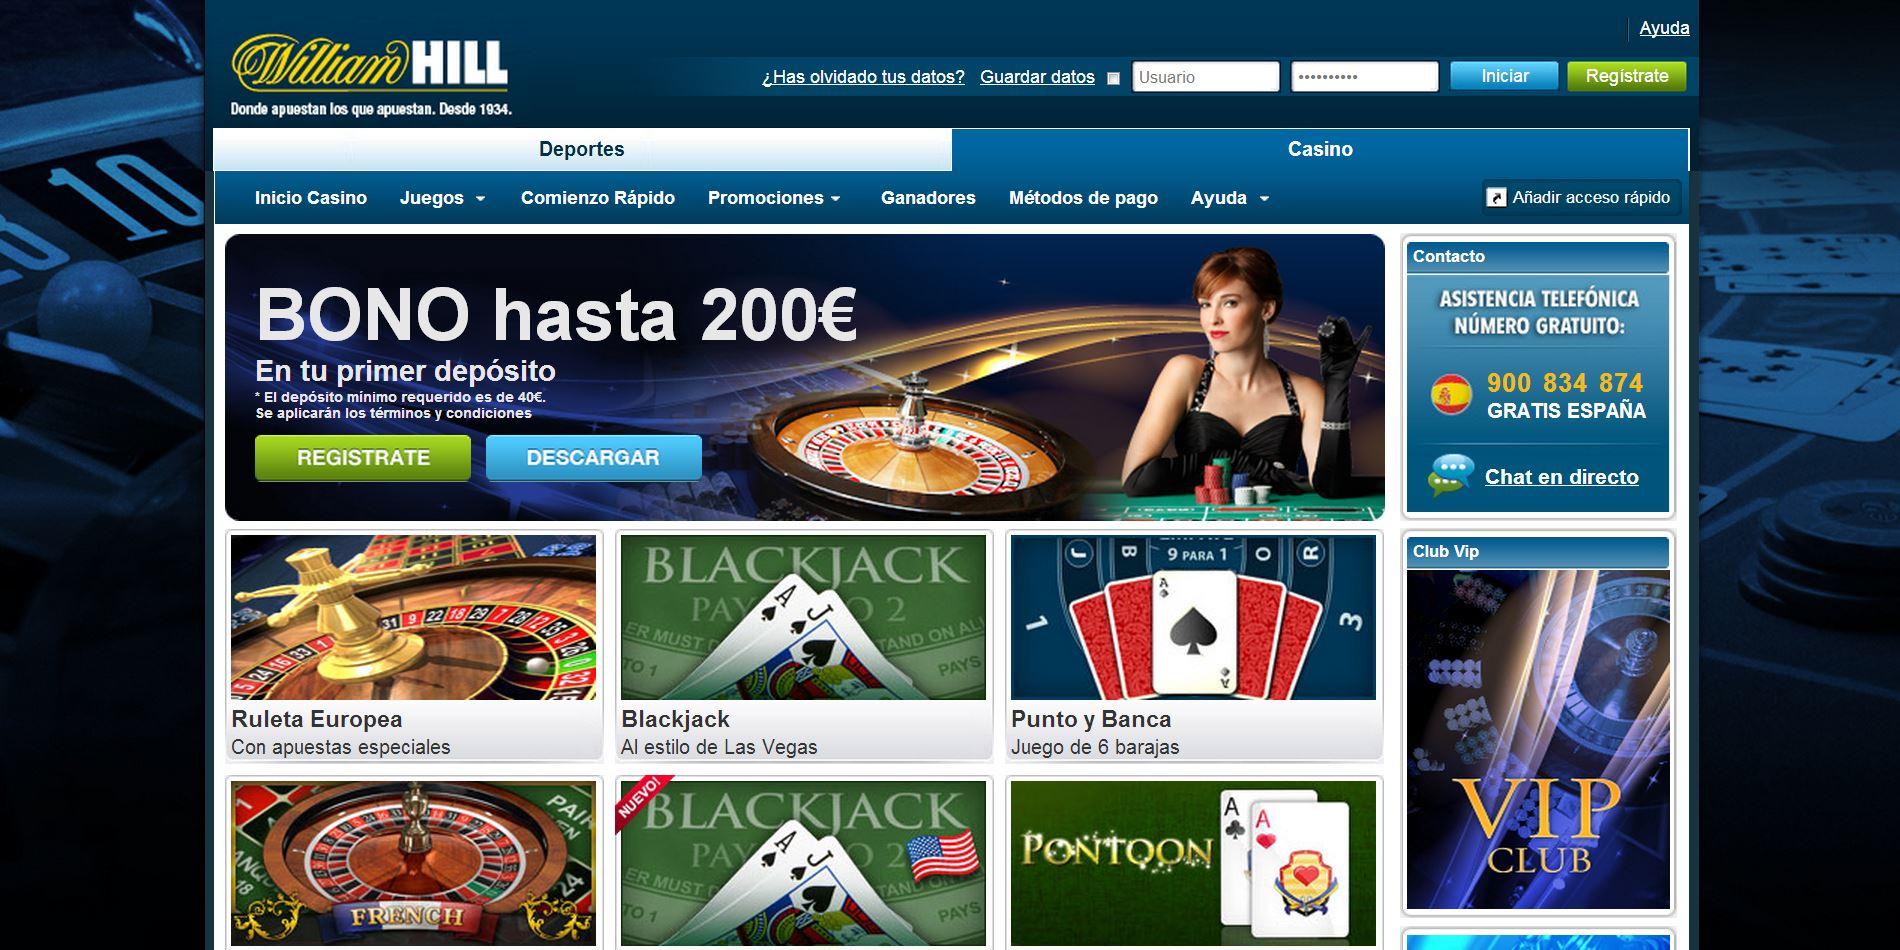 William hill 10 gratis juegos de casino Temuco-346275